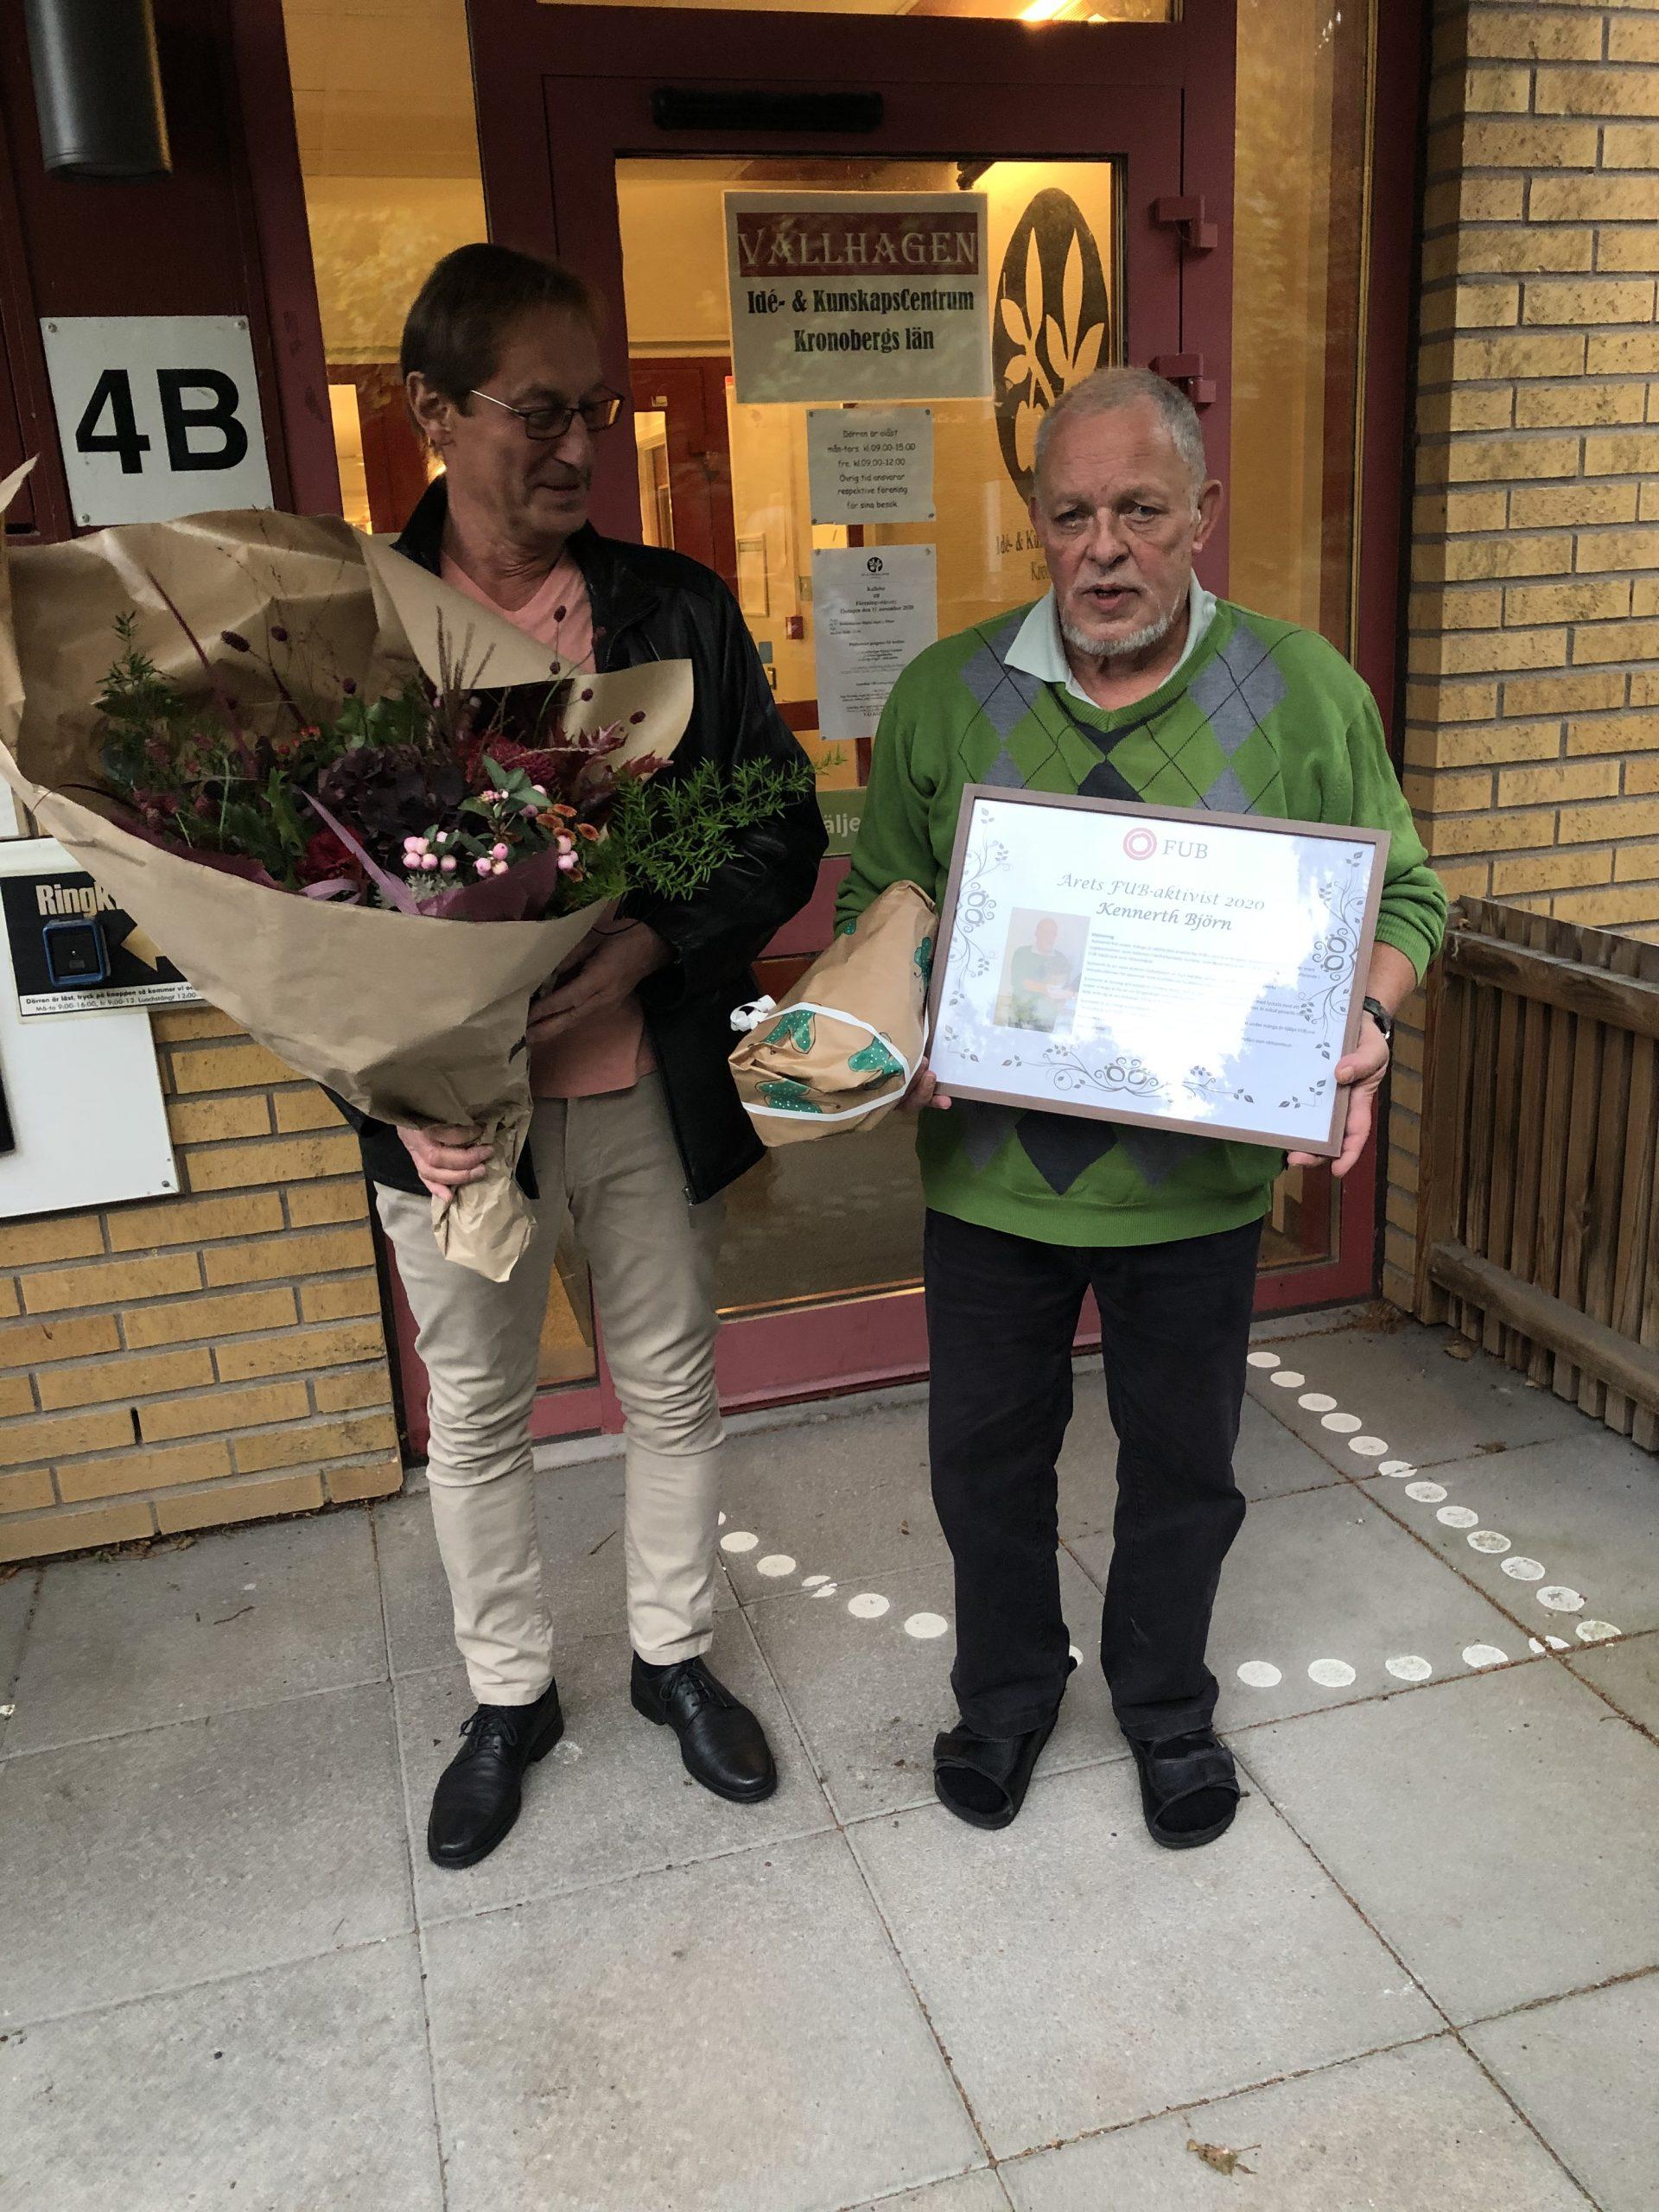 Gert Iwarsson och Kennerth Björn med blombukett och diplom